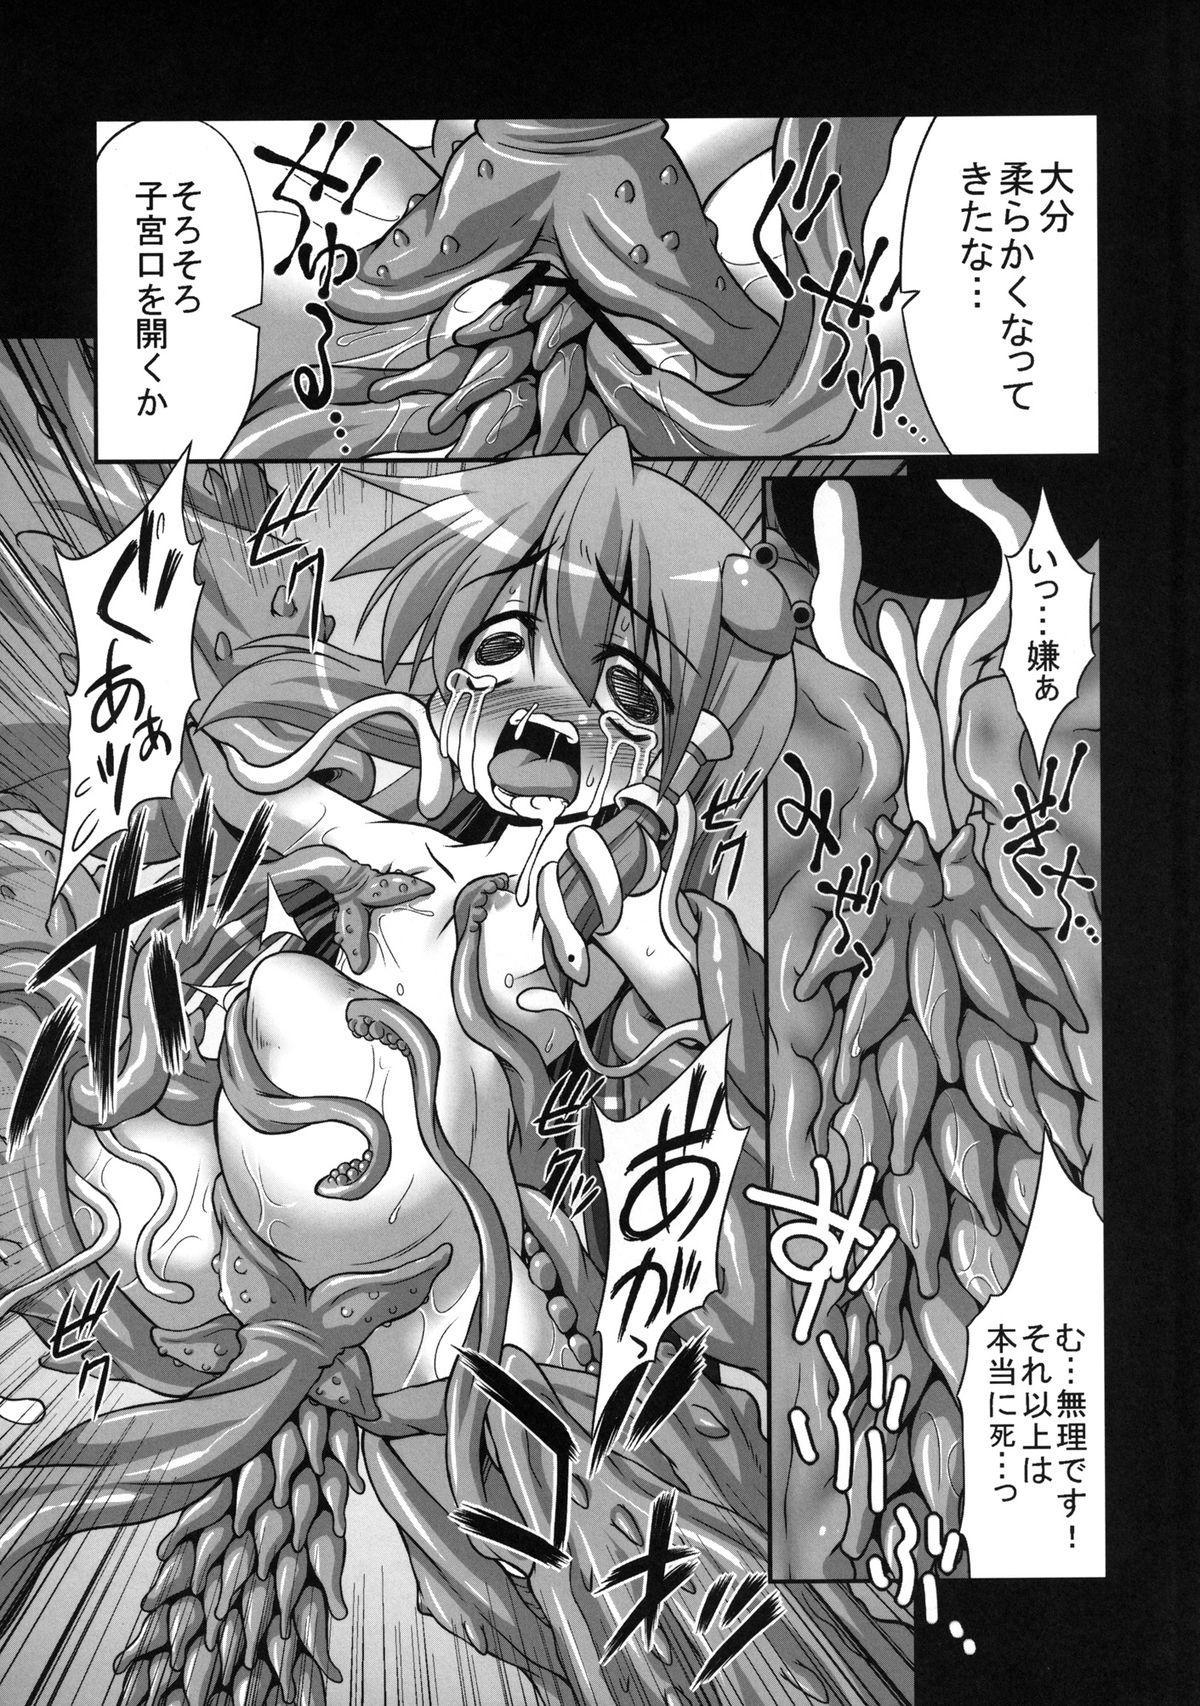 Youkai ni Haramasareta Sanae-san wo Hitasura Shokushu de Naburi Mawasu Moriya Jinja 16